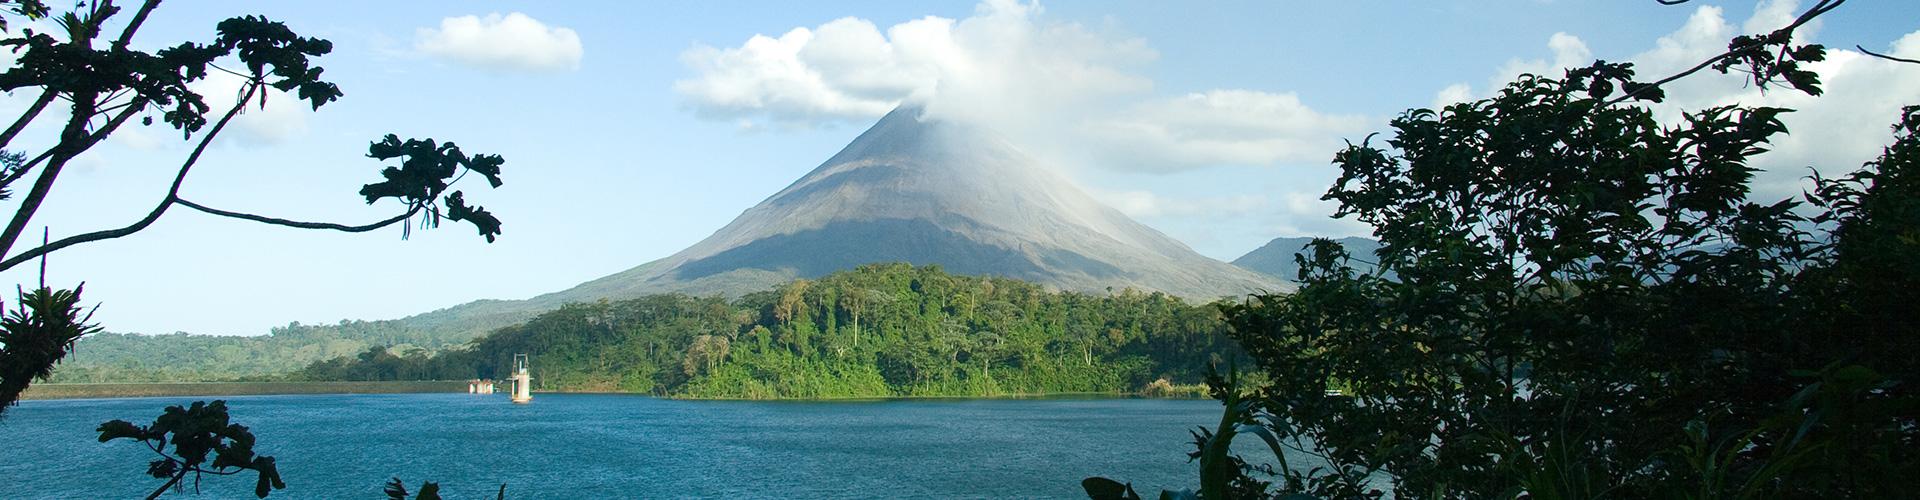 Cruising Costa Rica and Panama – Costa Rica to Panama